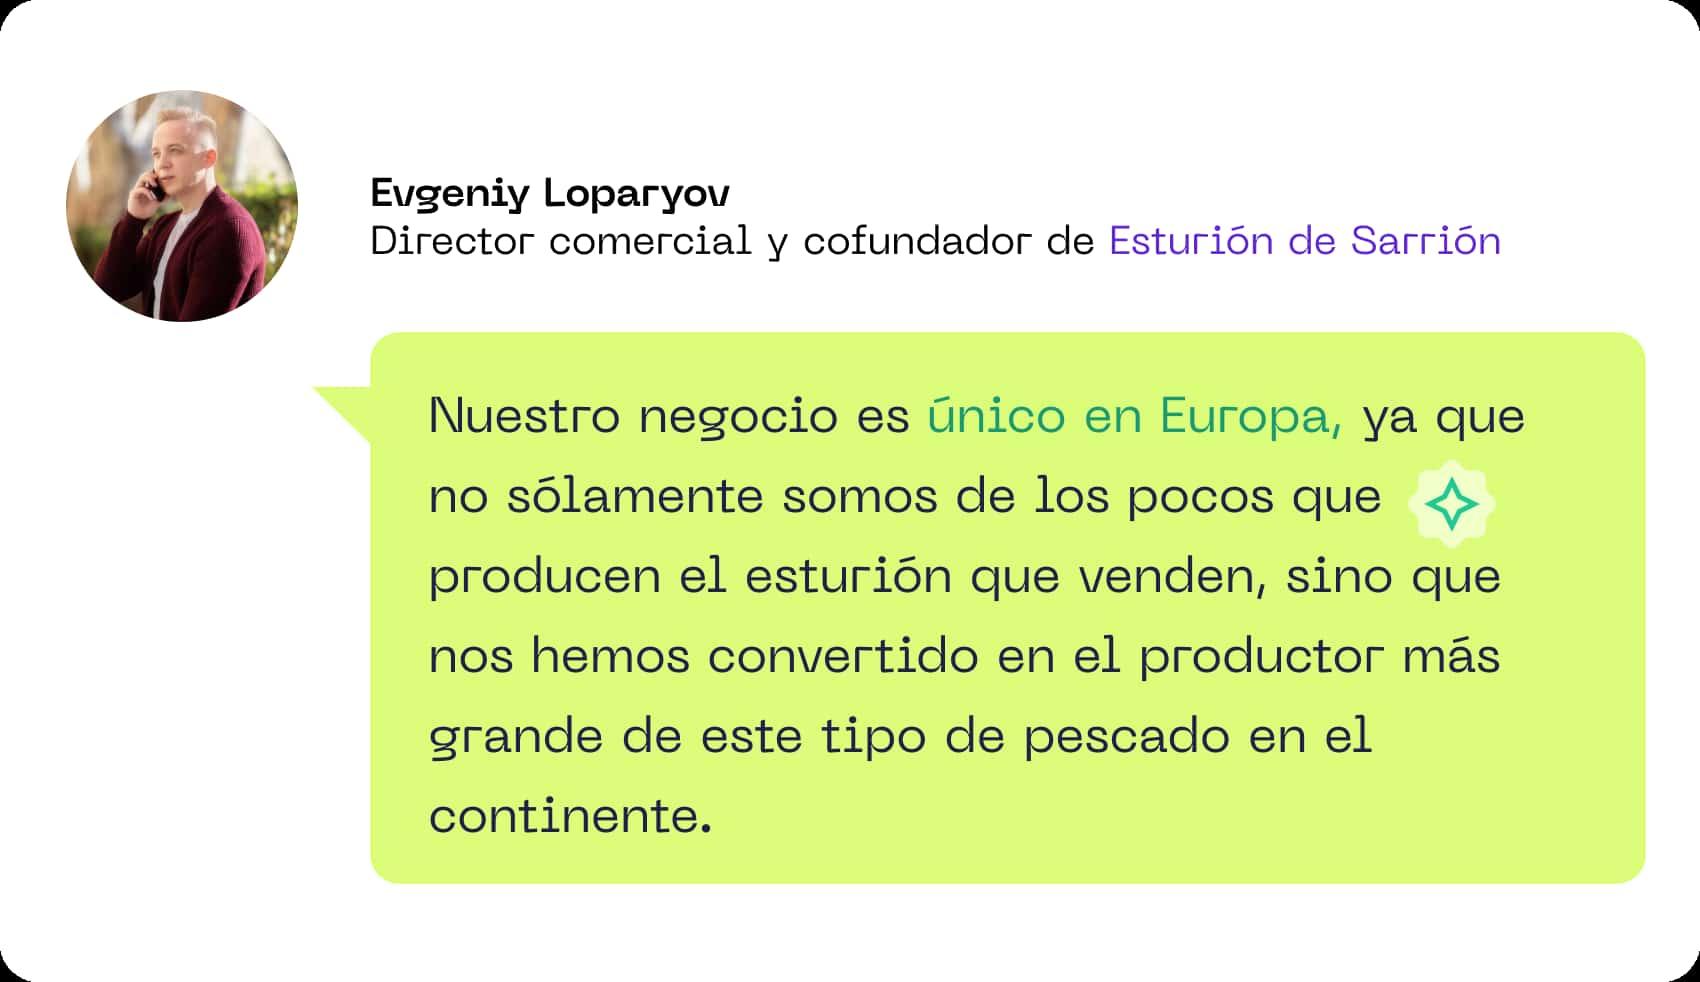 negocio unico en europa